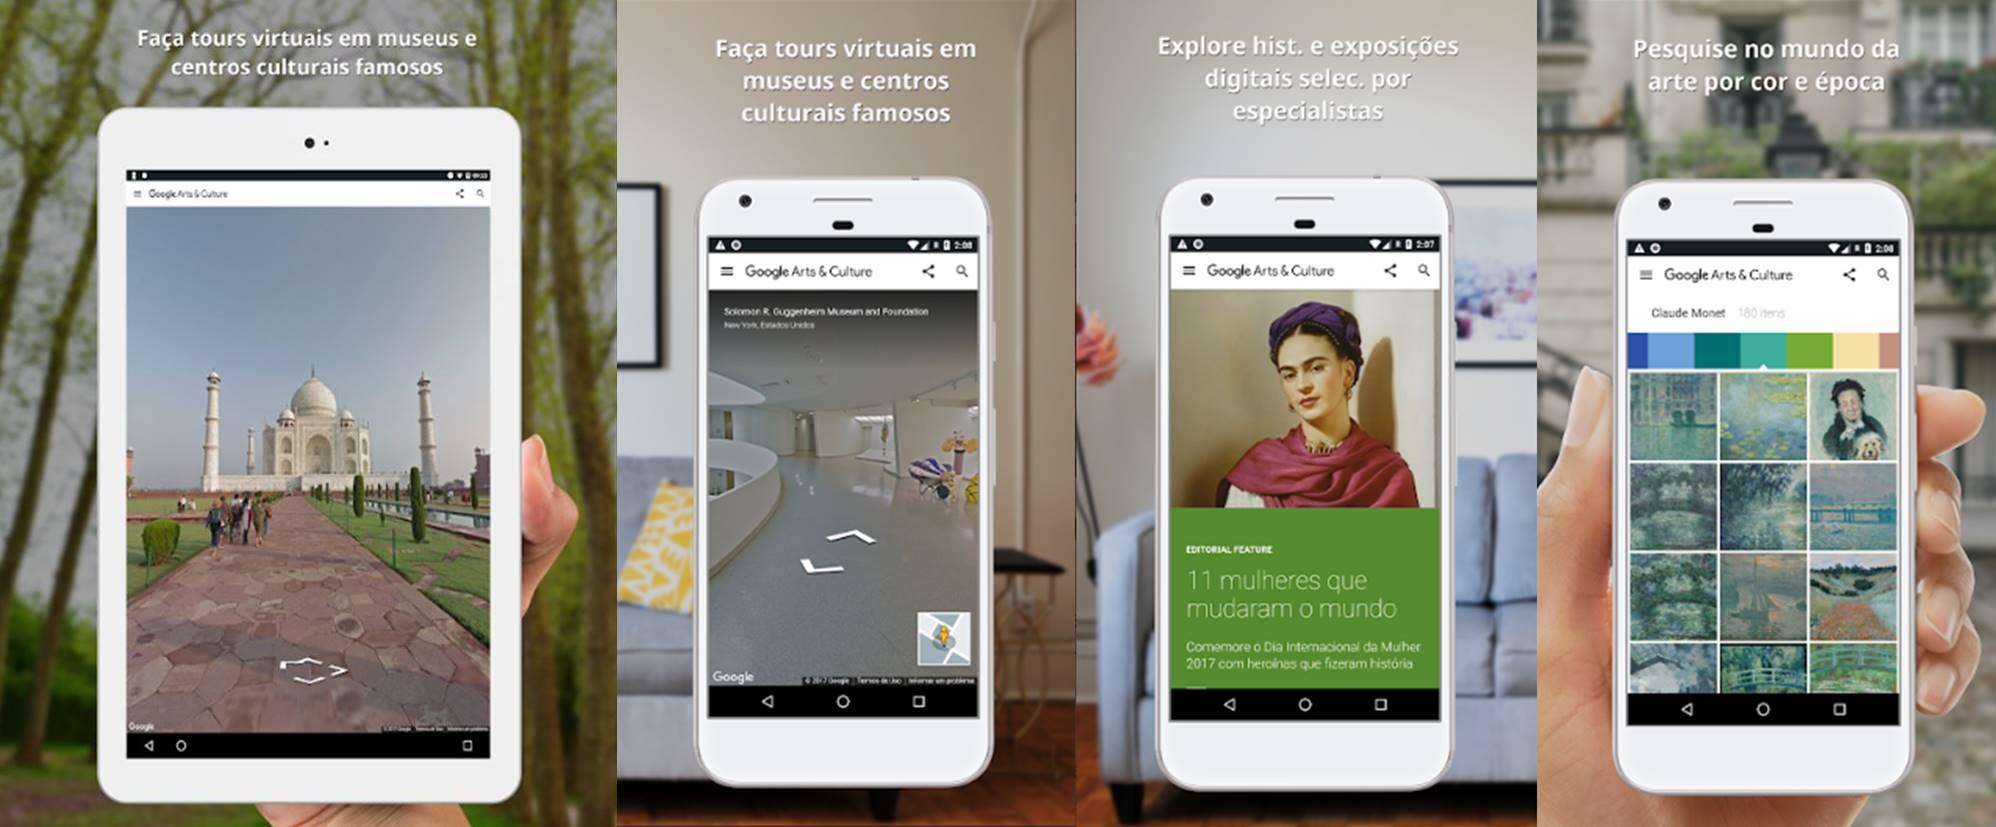 Google Arts and Culture